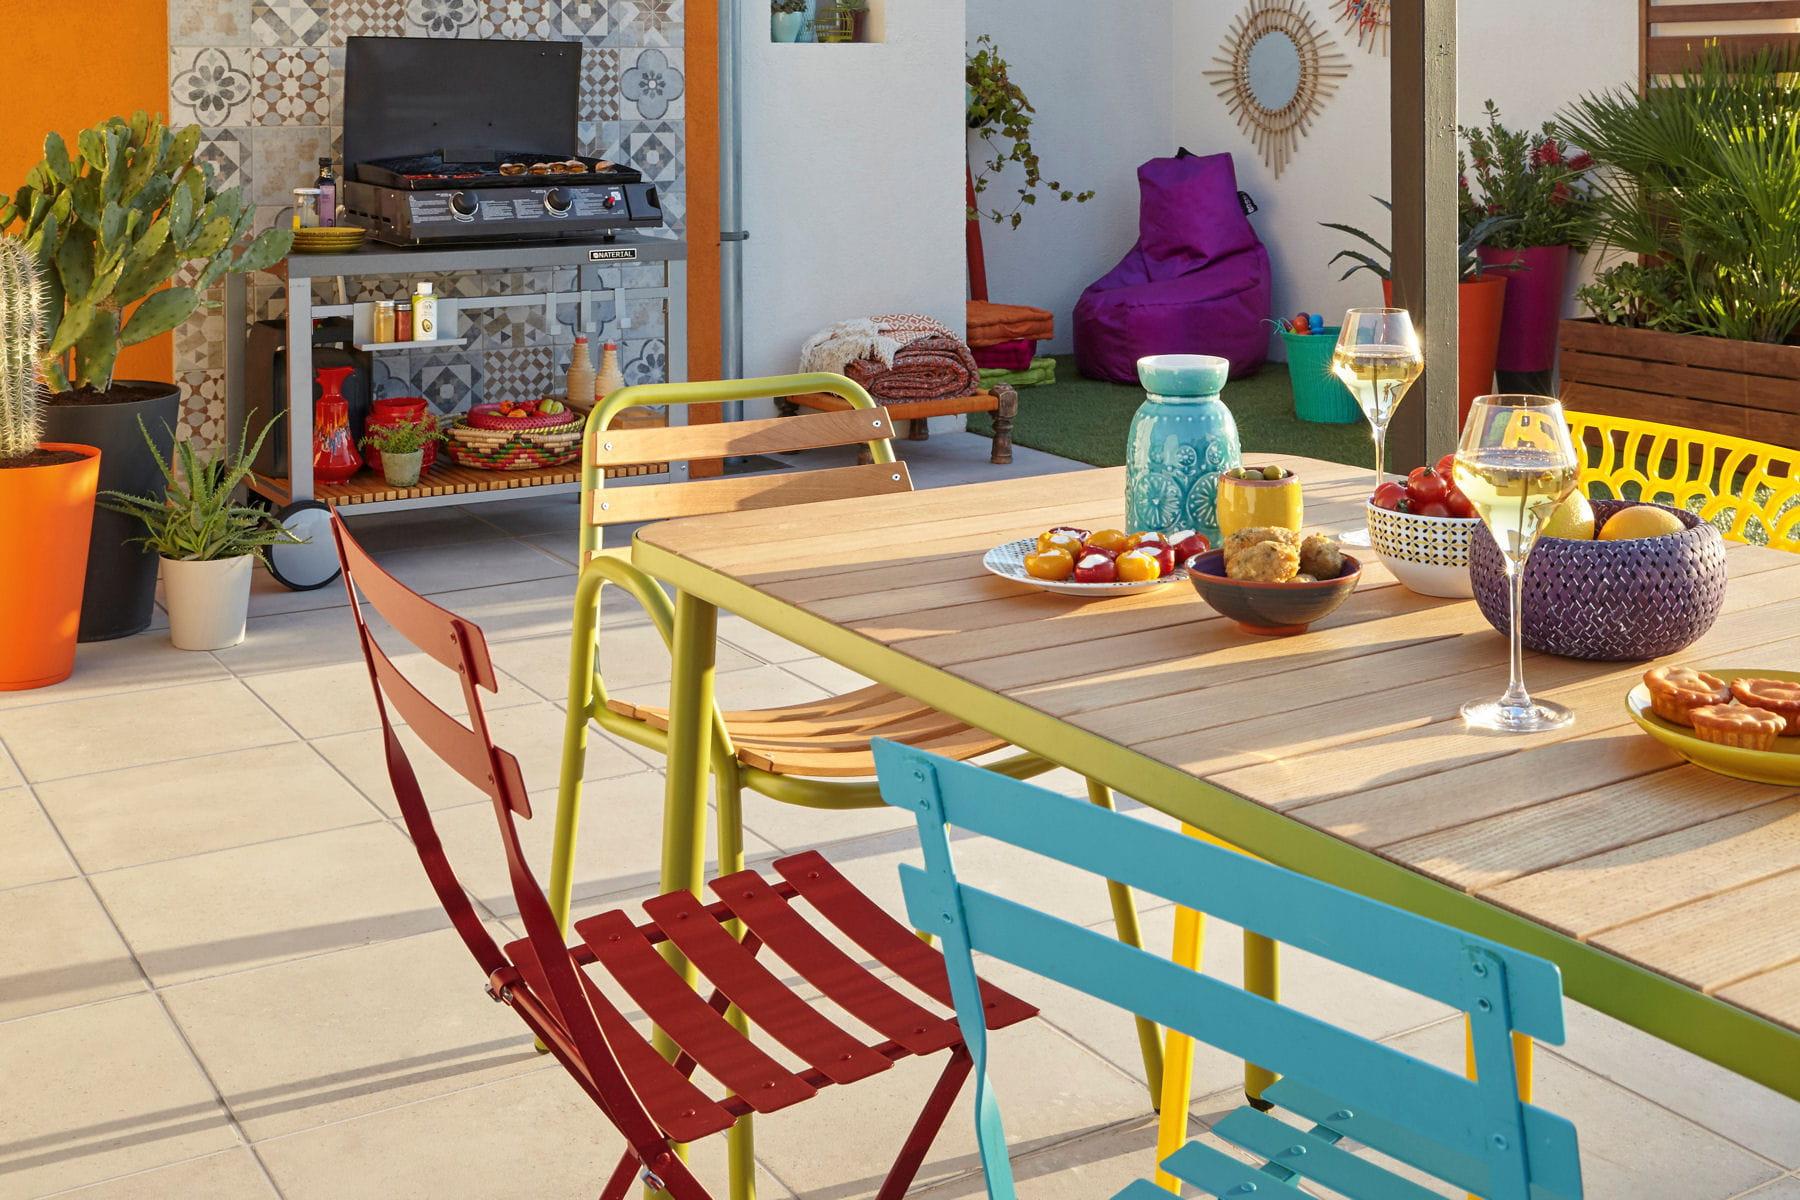 des id es d co pour am nager son balcon ou sa terrasse. Black Bedroom Furniture Sets. Home Design Ideas